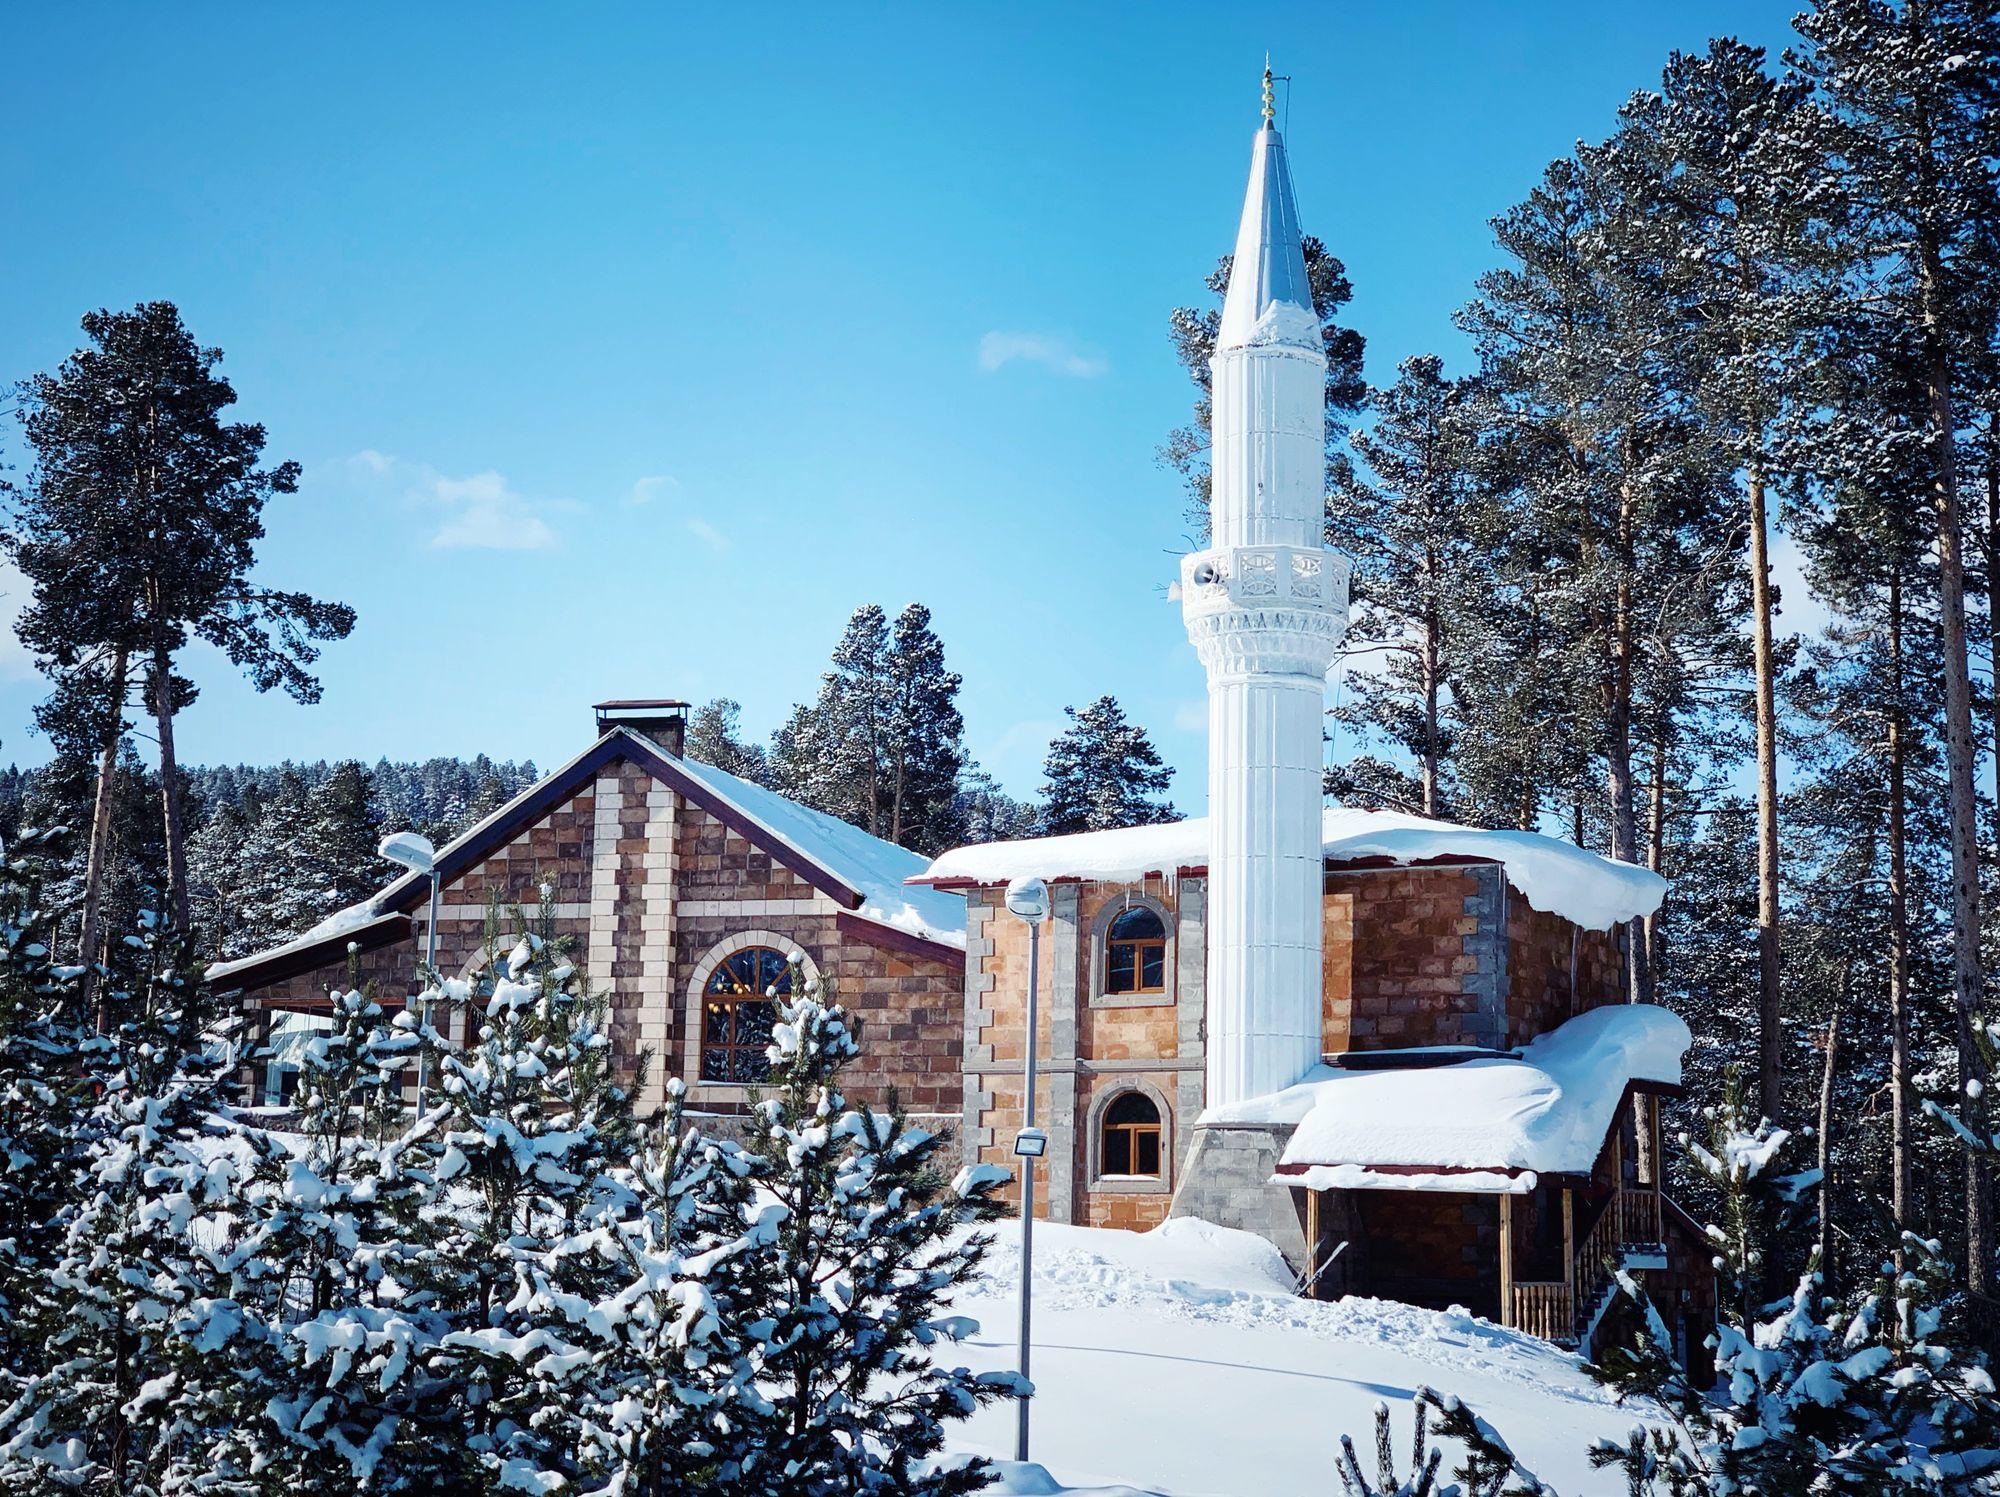 Sarıkamış Ski Centre